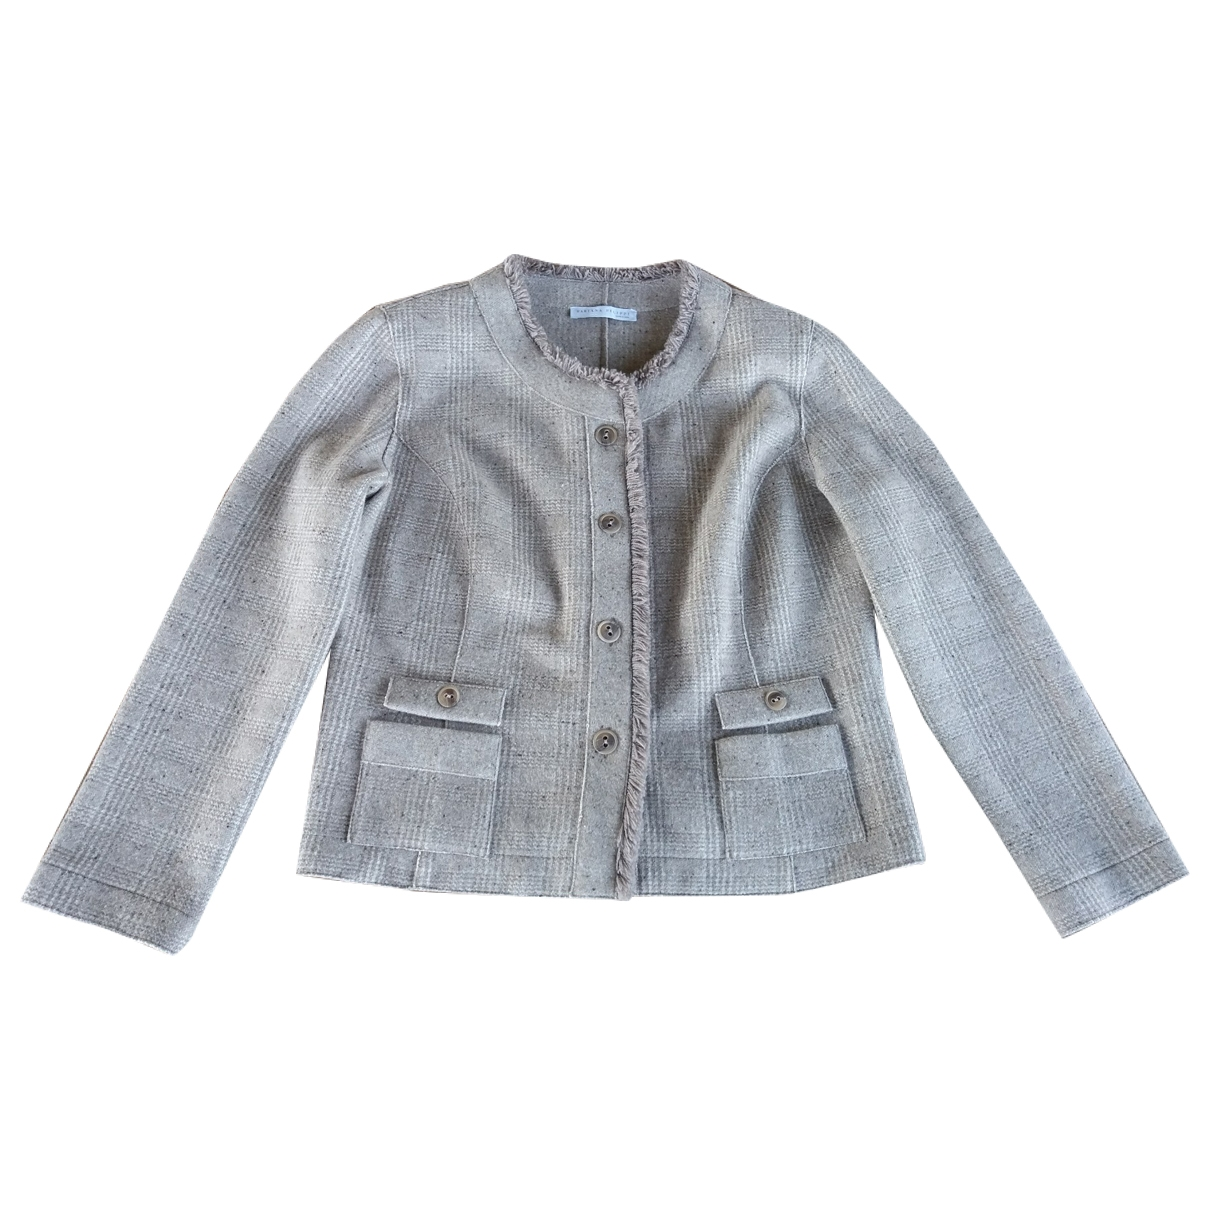 Fabiana Filippi \N Wool jacket for Women 48 IT